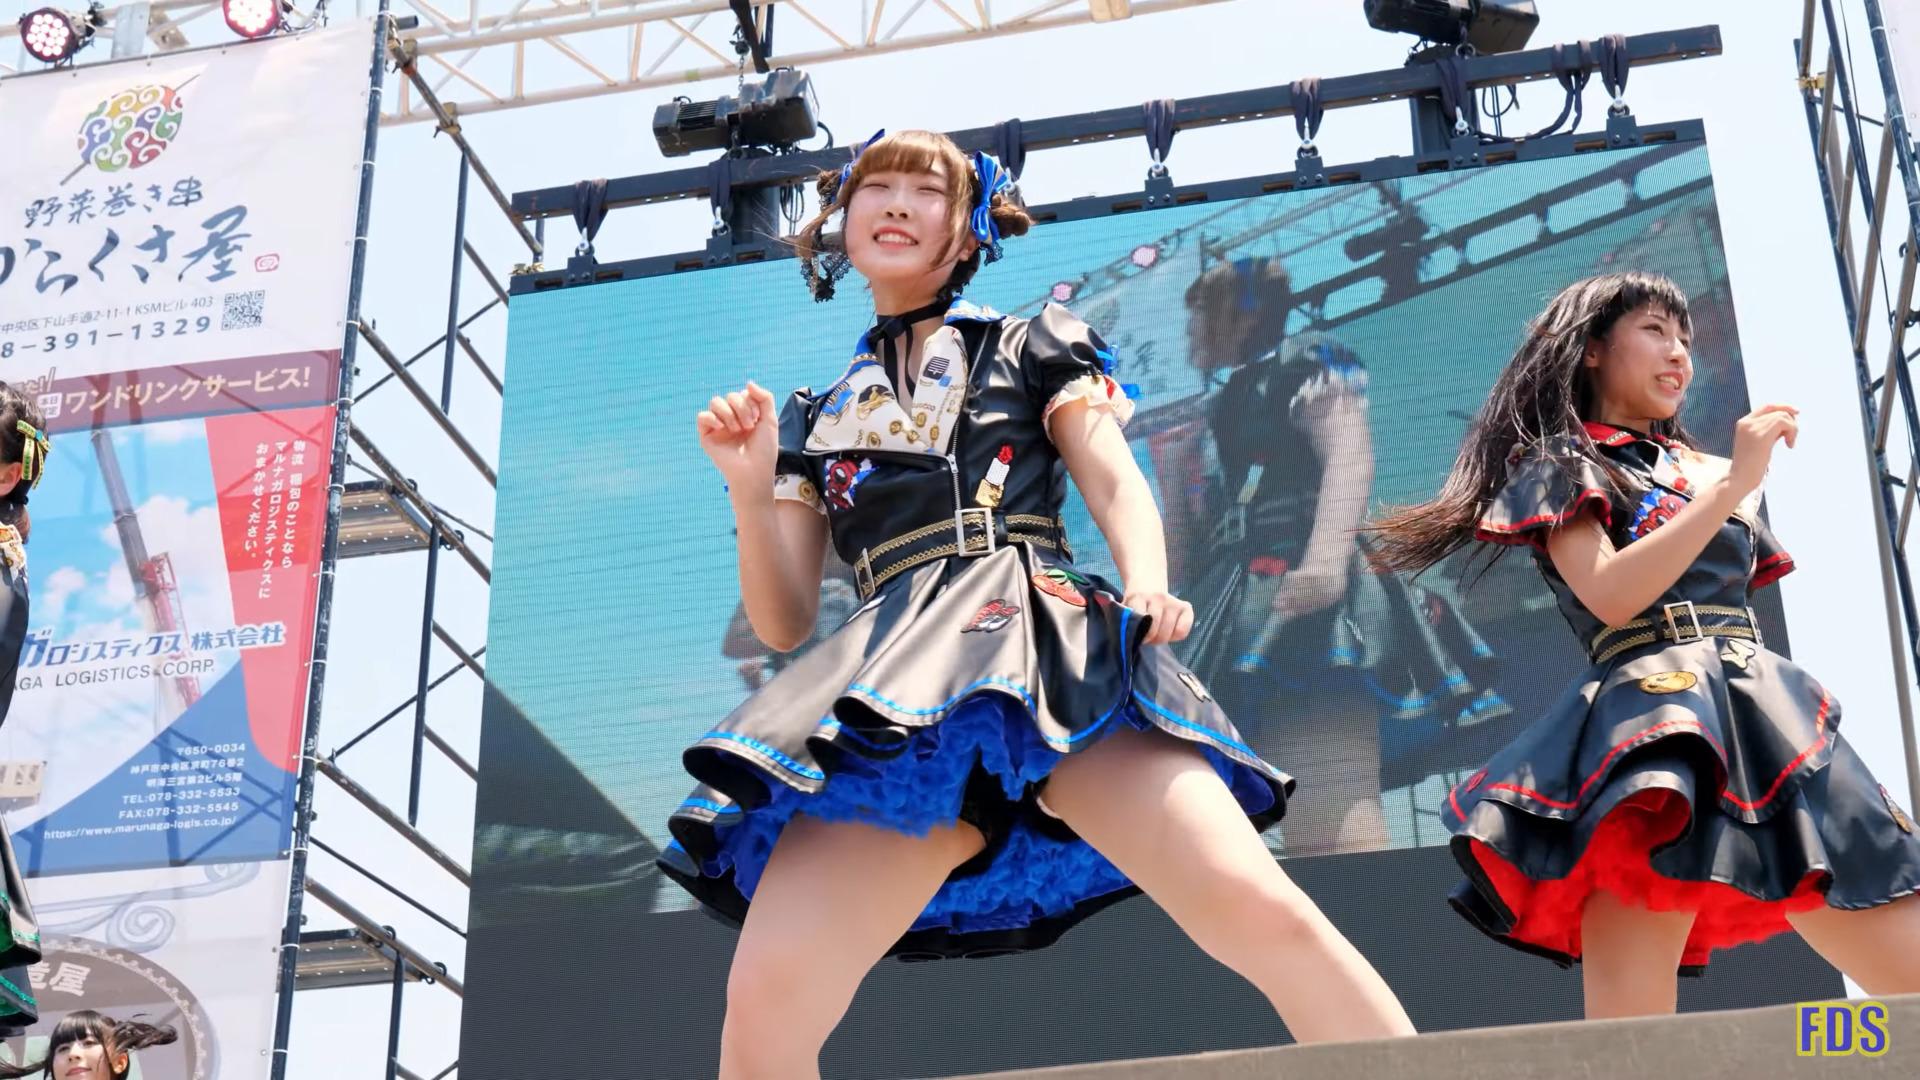 名古屋CLEAR'S 「それが大事」 お掃除アイドル Japanese girls Idol group [4K] 03:51